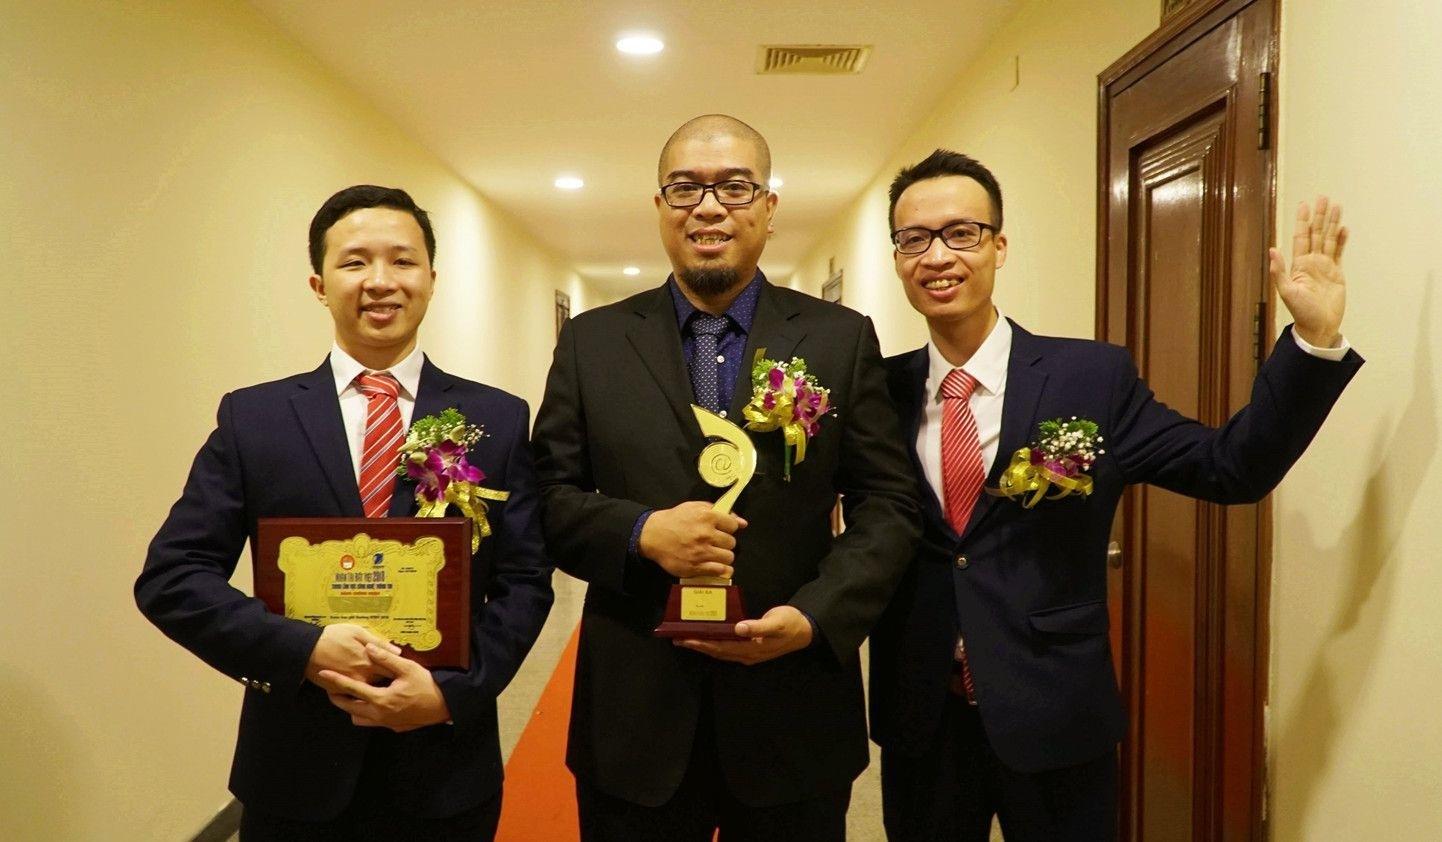 Ba thành viên của nhóm hân hoan khi nhận được cúp giải Ba Nhân tài đất Việt 2018.